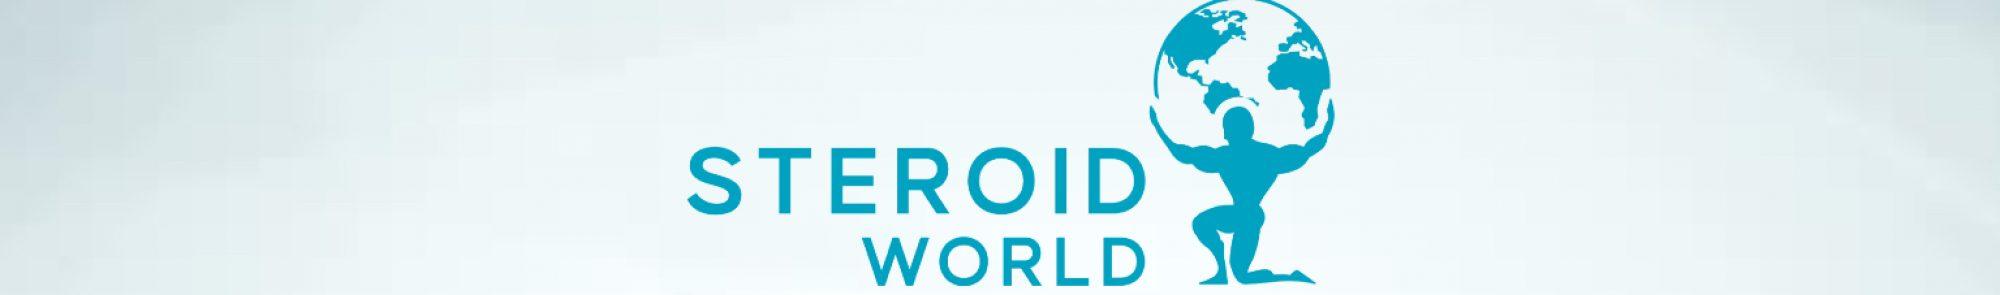 Steroids-World